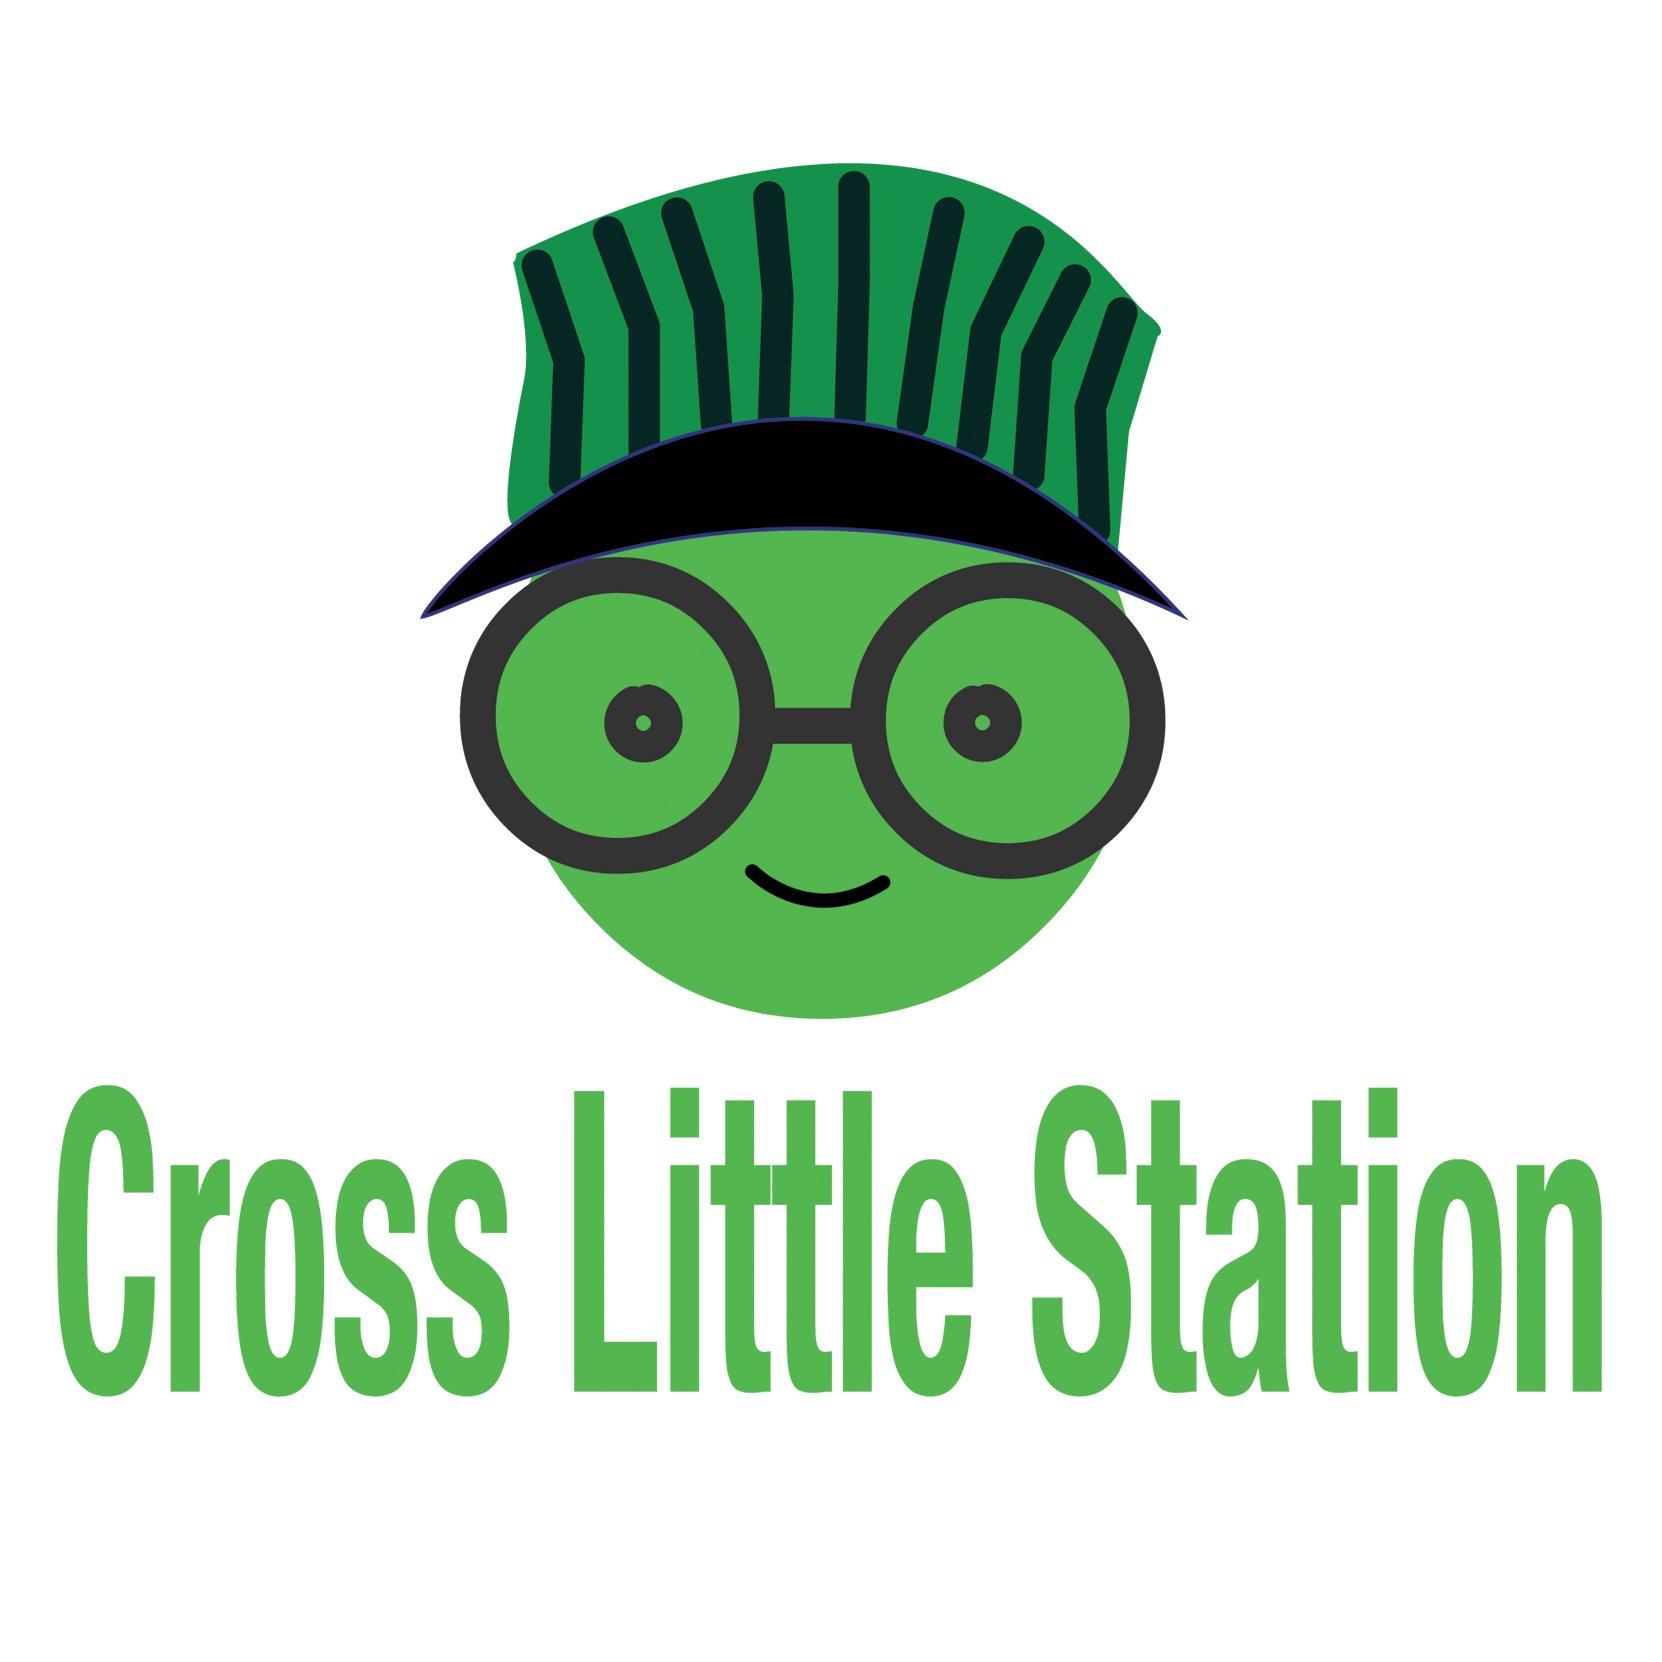 The Cross Little Co.